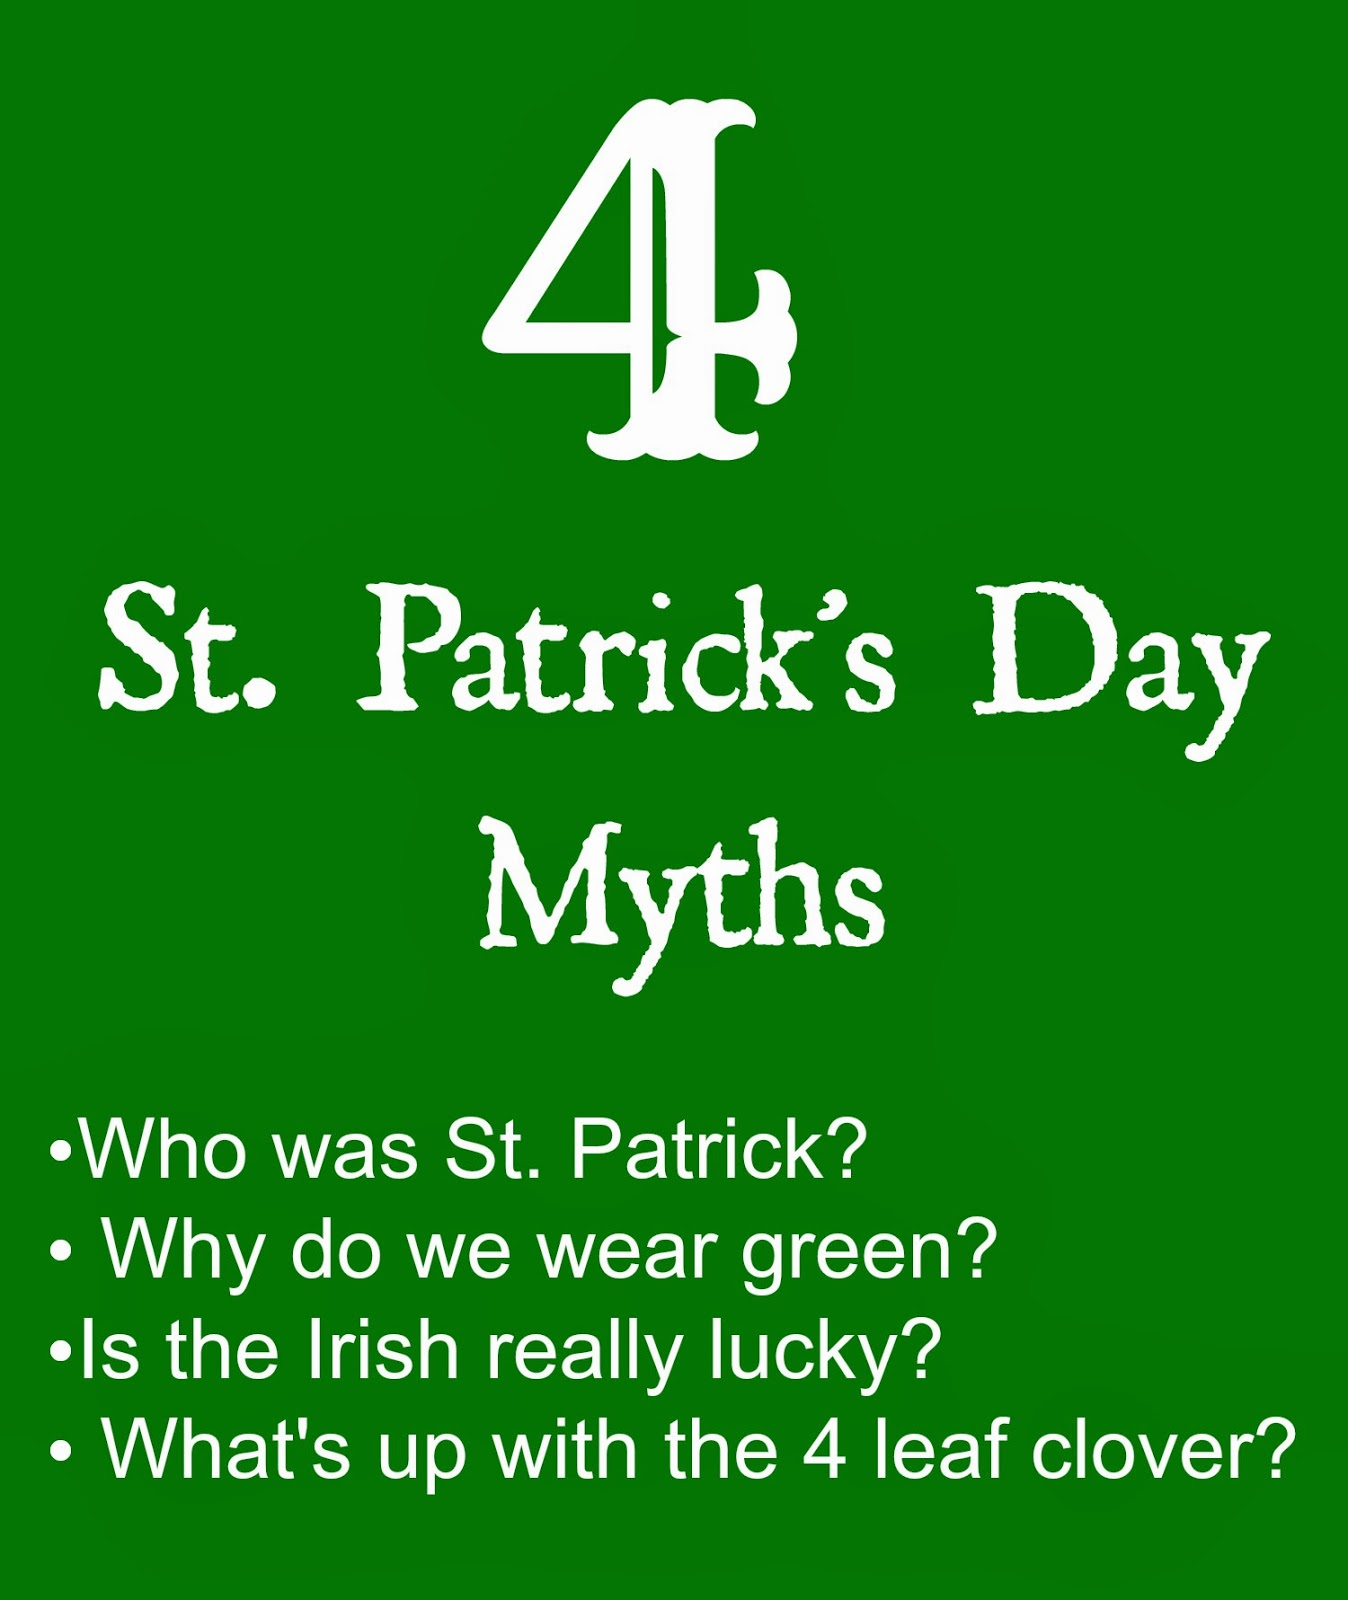 St. Patrick's Day Myths